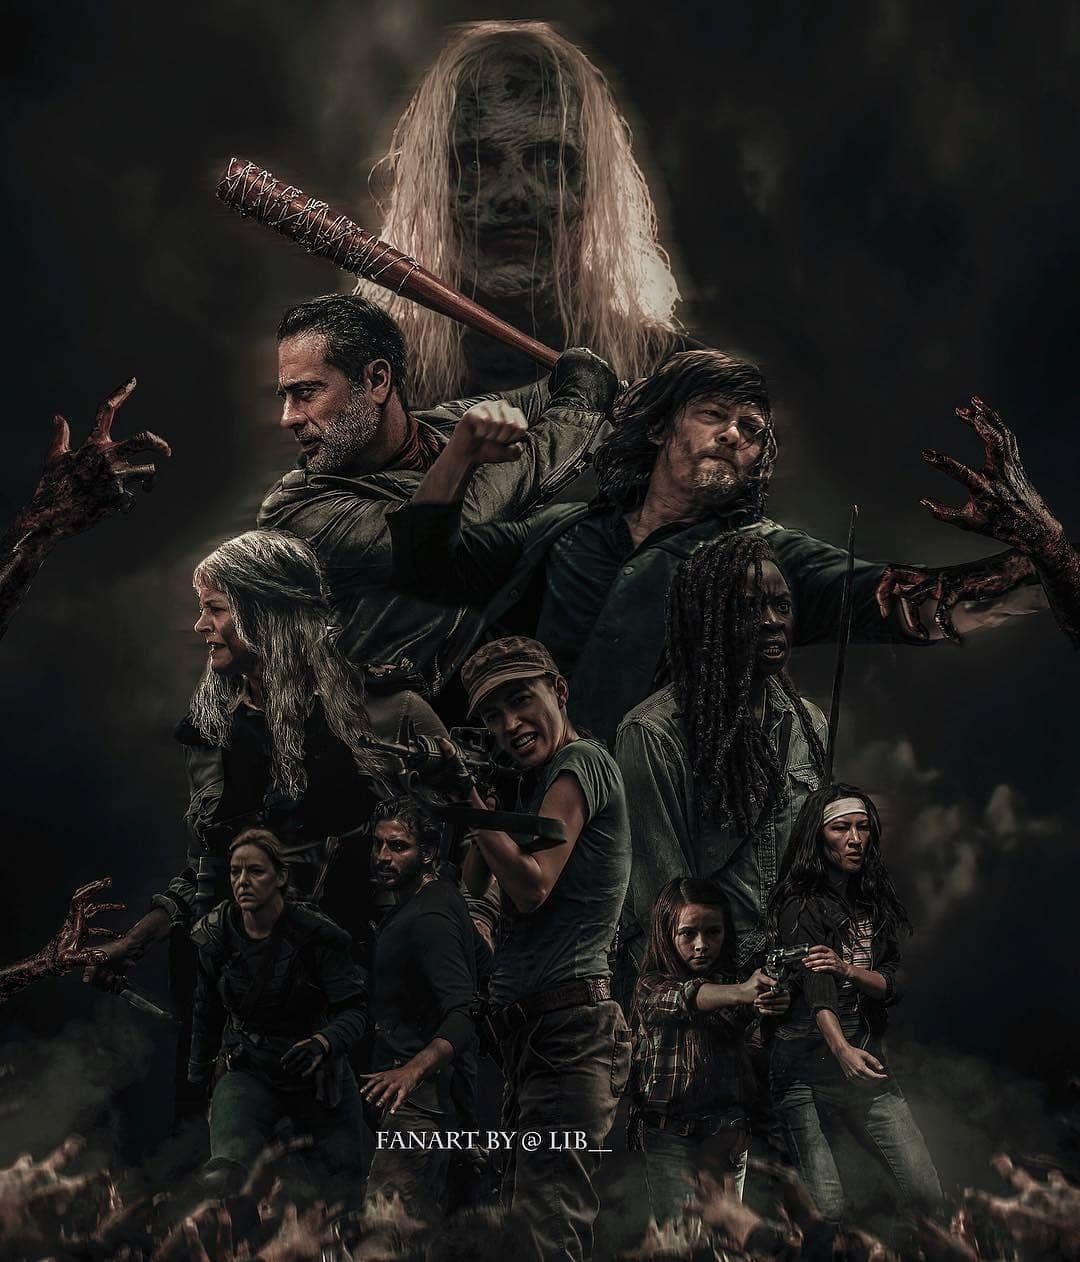 Twd Thewalkingdead Wearethewalkingdead Walkingdead Thewalkingdeadamc Twdfanatic Twdfamily Walking Dead Art Walking Dead Zombies Walking Dead Wallpaper